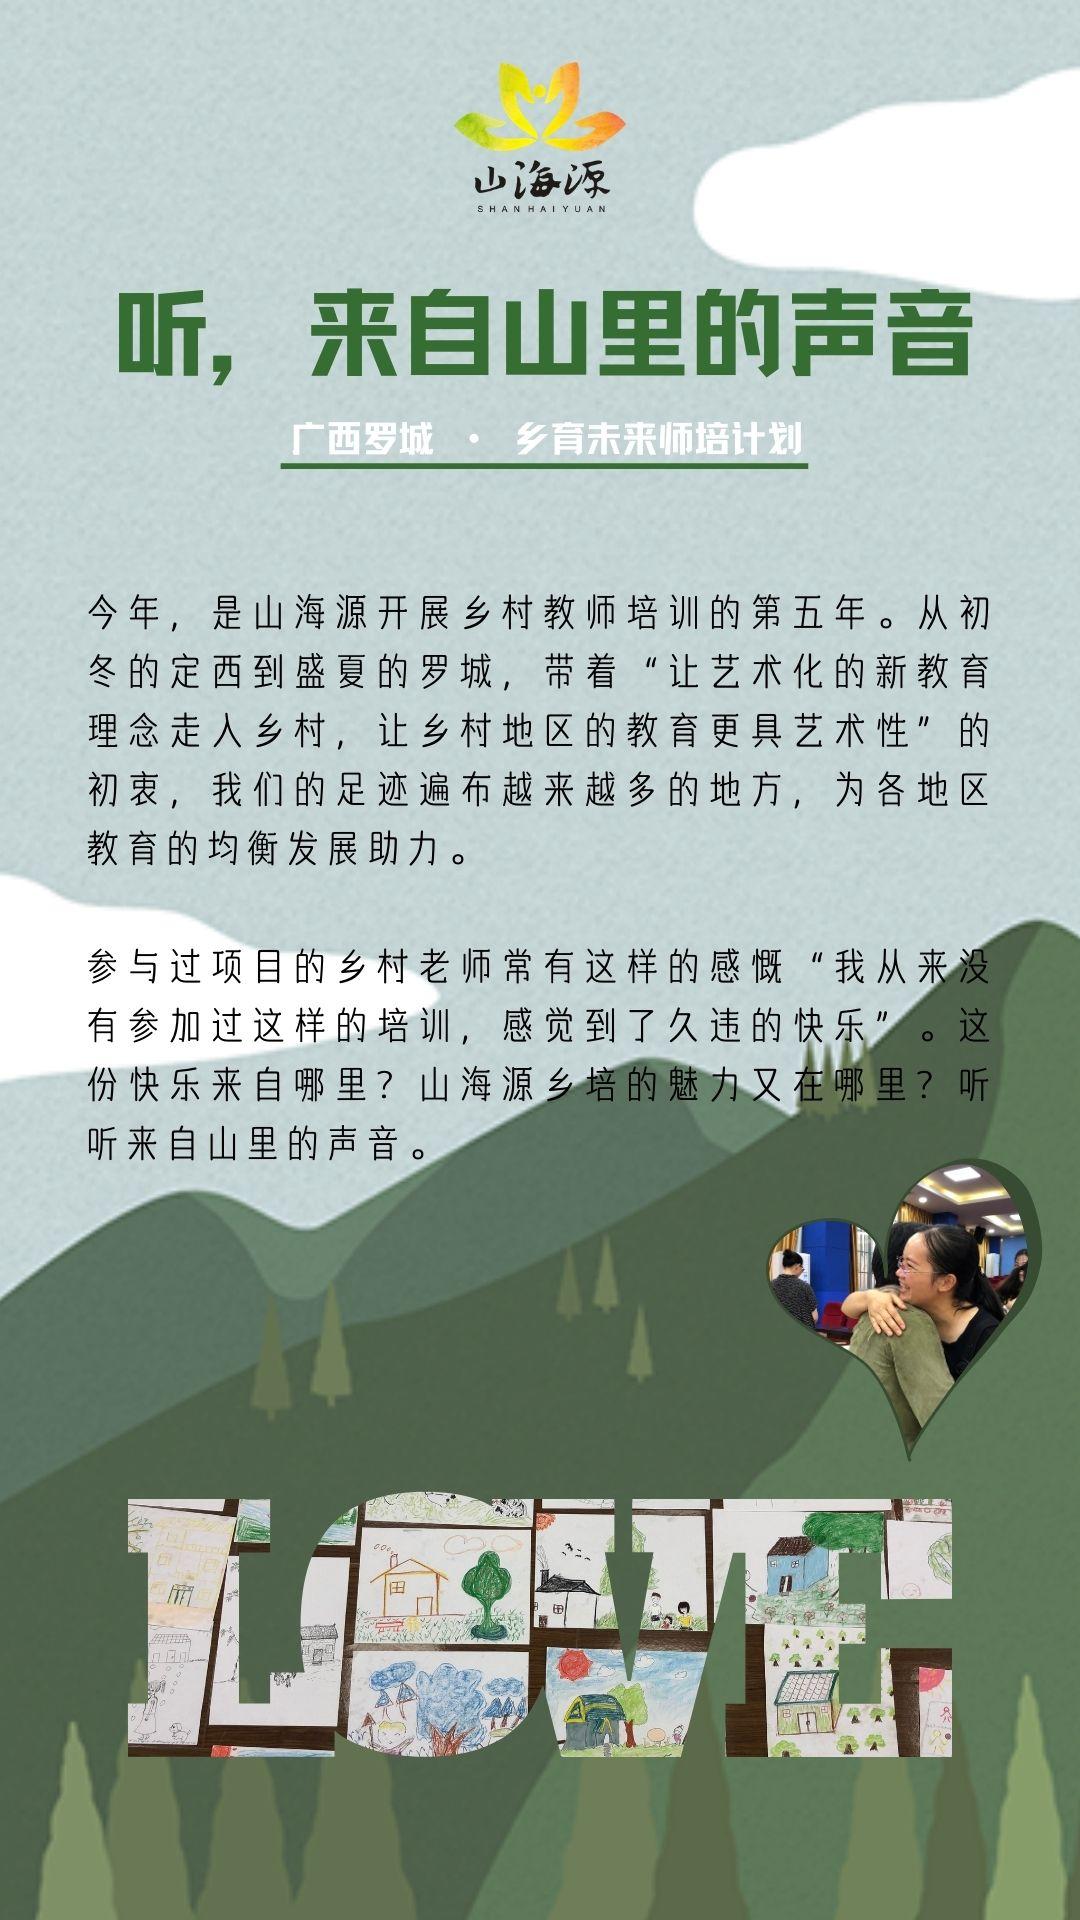 乡培项目 | 听,来自山里的声音